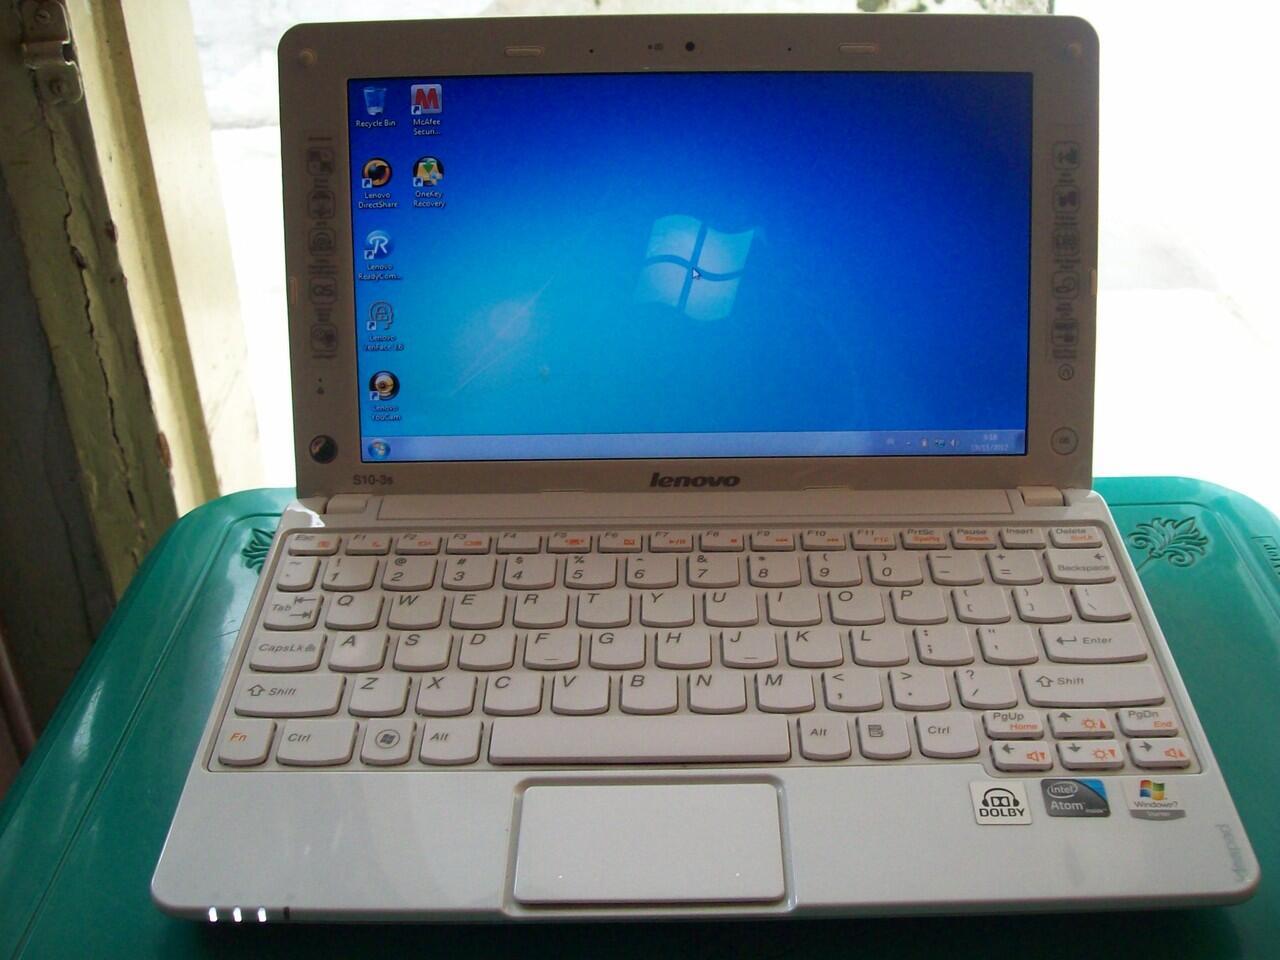 [Bandung] Netbook Lenovo S10-3S, Atom N550, 1GB, 250GB, Win7 Ori, Mulus